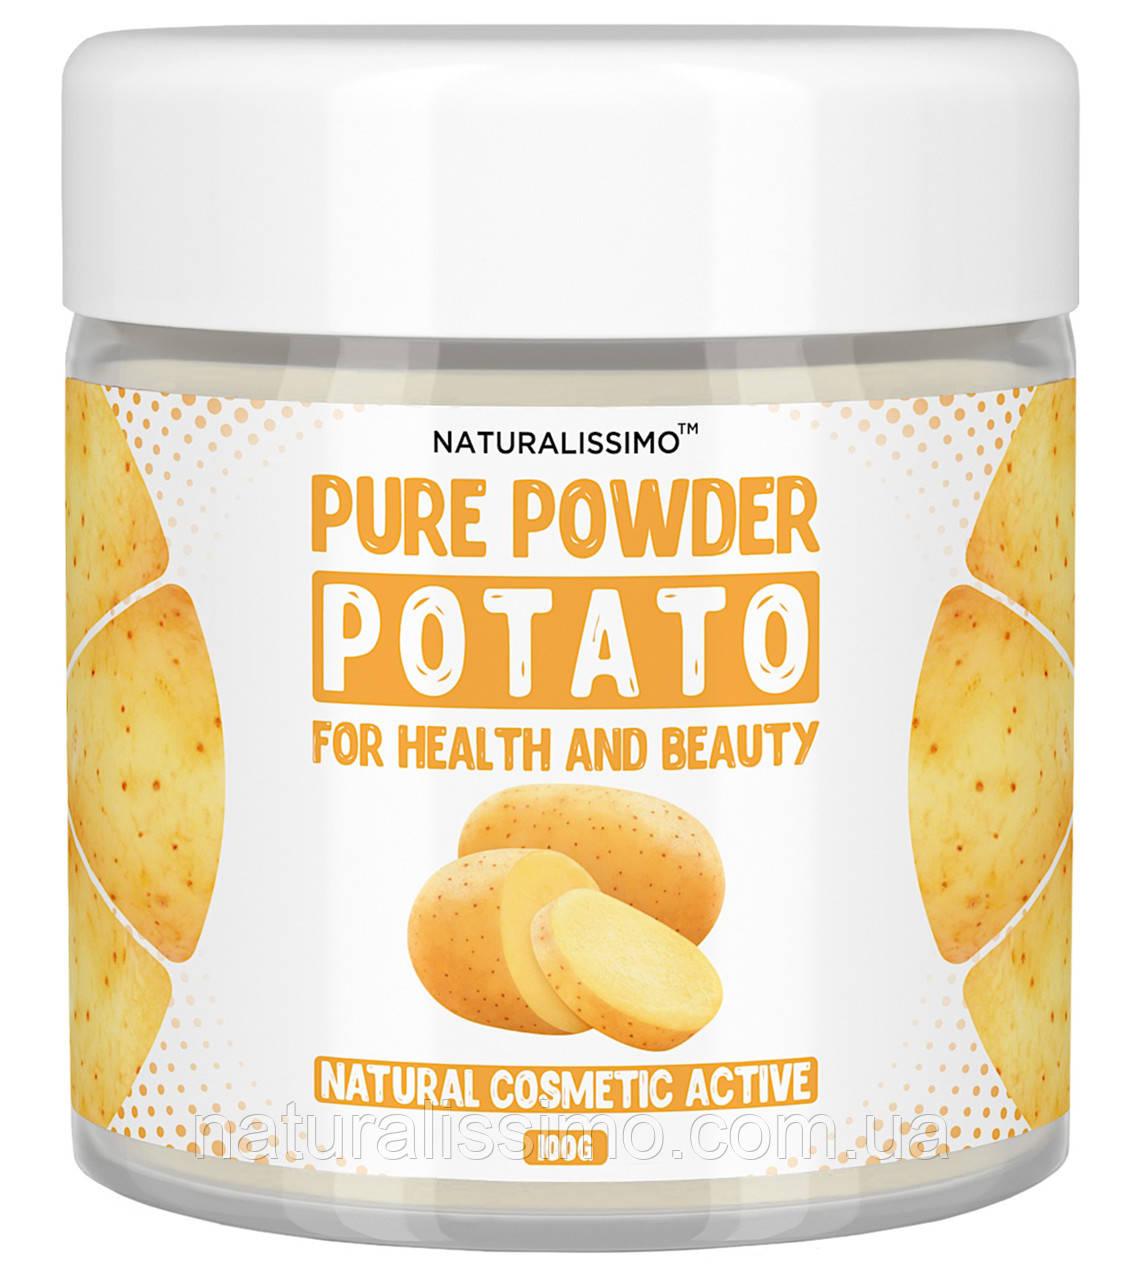 Пудра картофеля, 100г